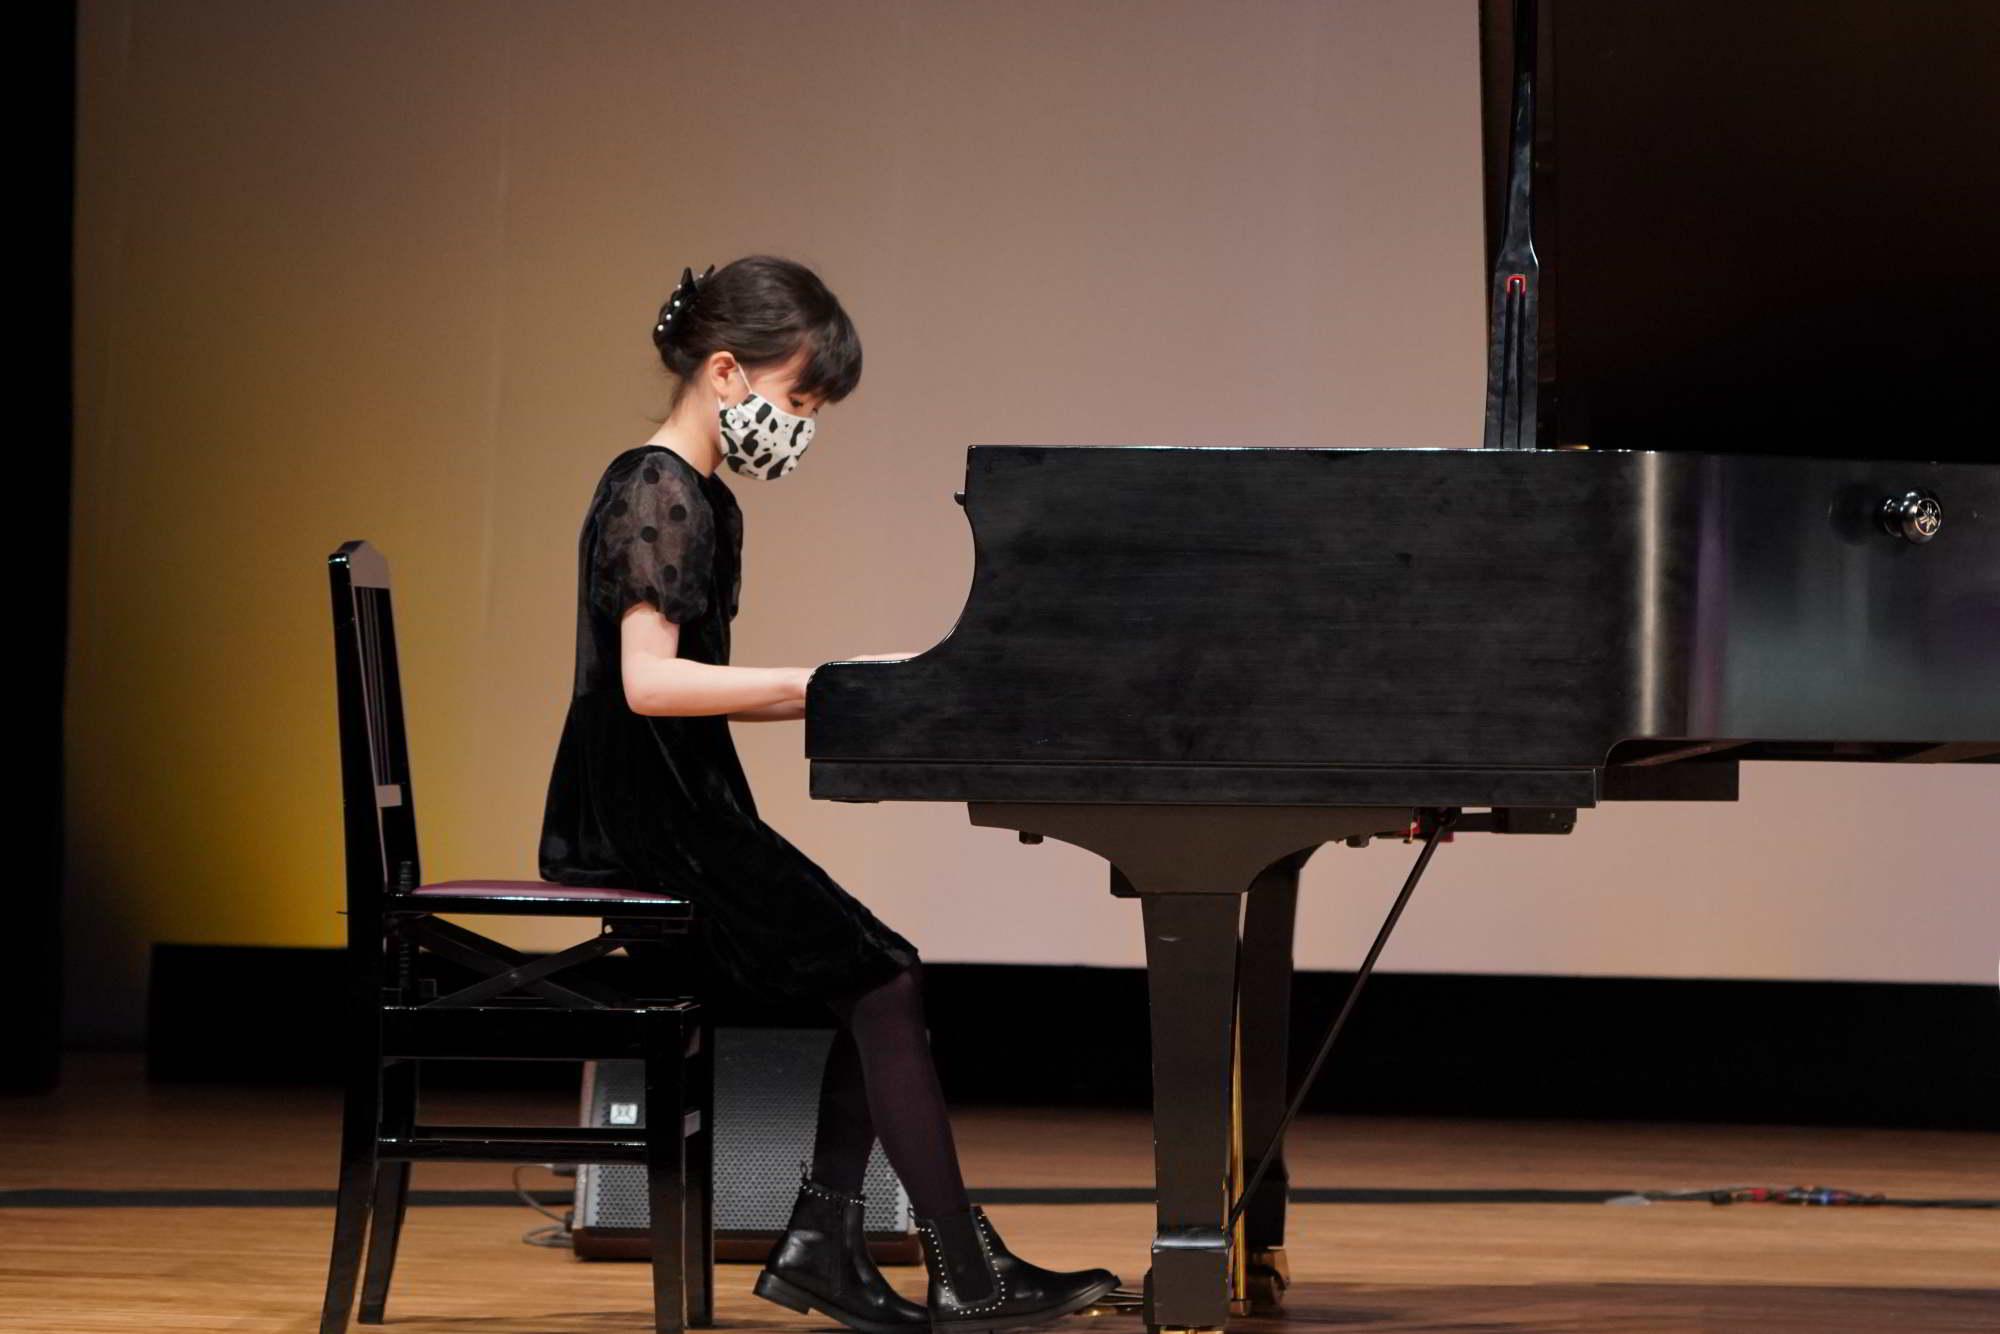 Fucciミュージックスクール発表会小学生の部